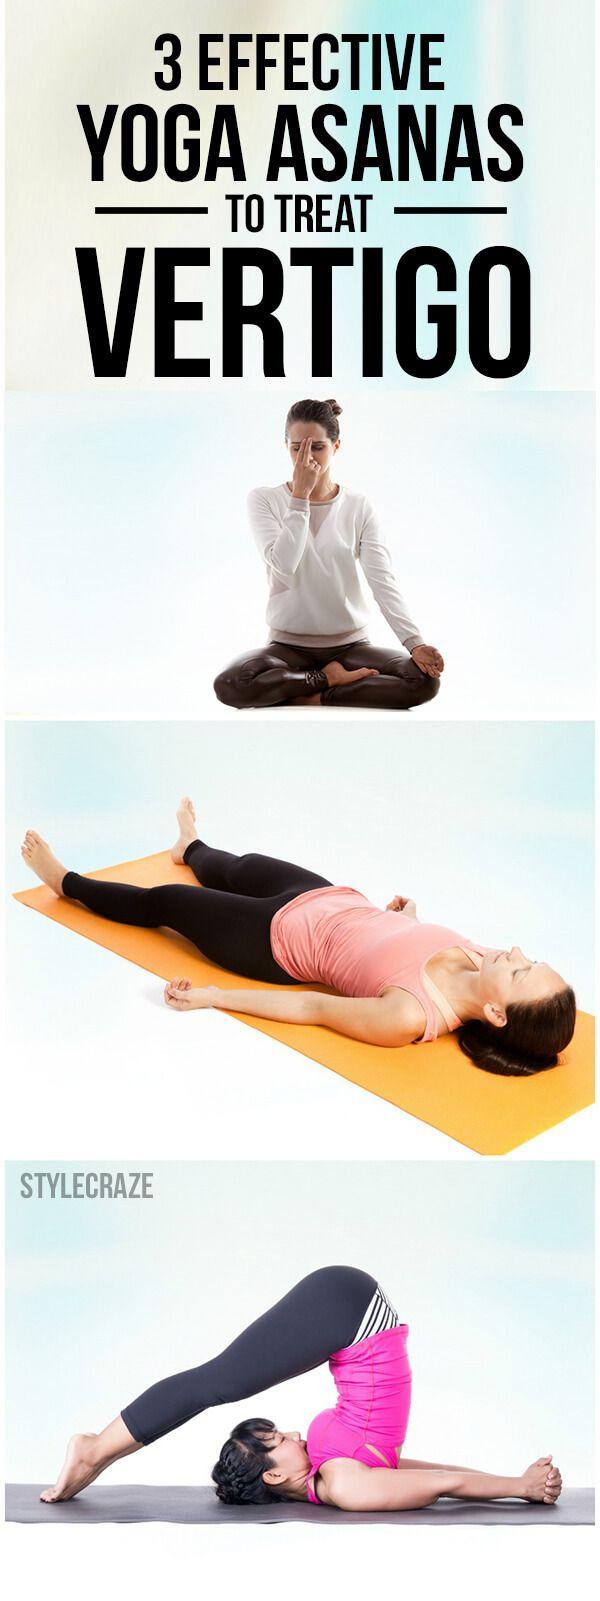 7forting Yoga Asanas That Will Help You Deal With Vertigo